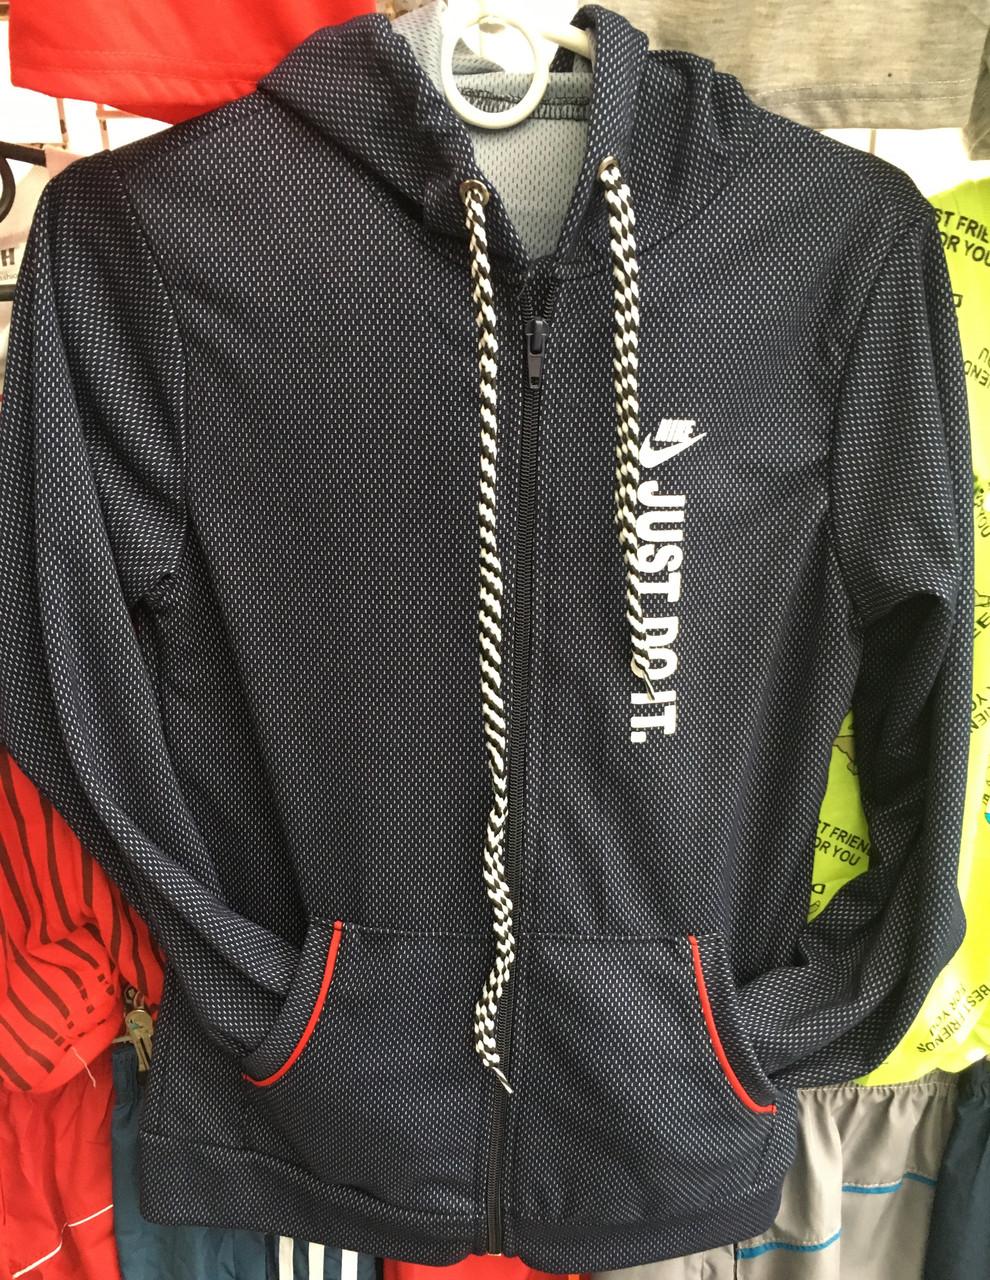 Дитячий спортивний костюм оптом 6-11 років ціна c98c1af790585